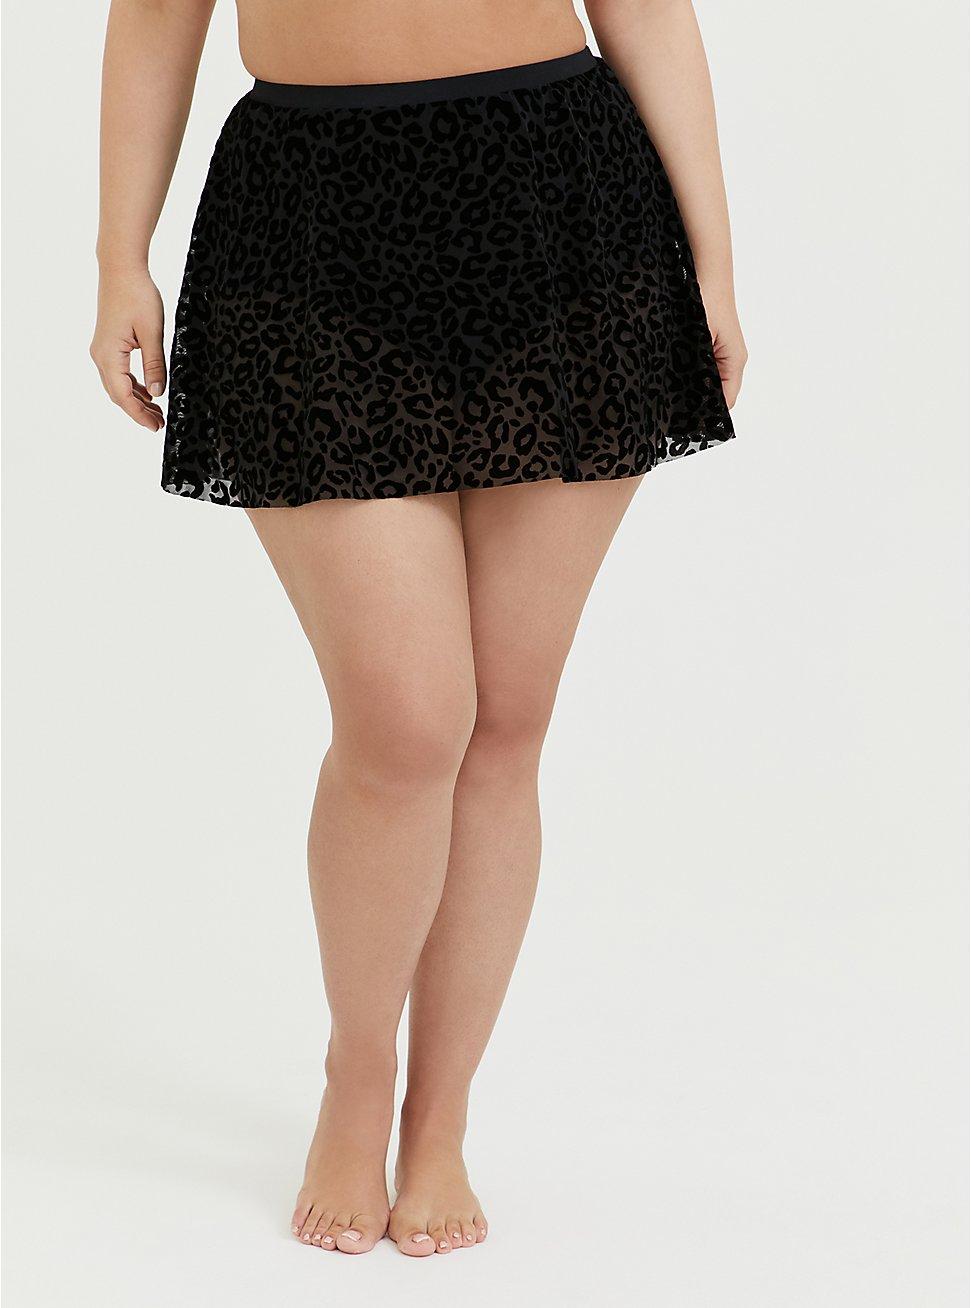 Black Leopard Flocked Mesh High Waist Skater Swim Skirt, DEEP BLACK, hi-res